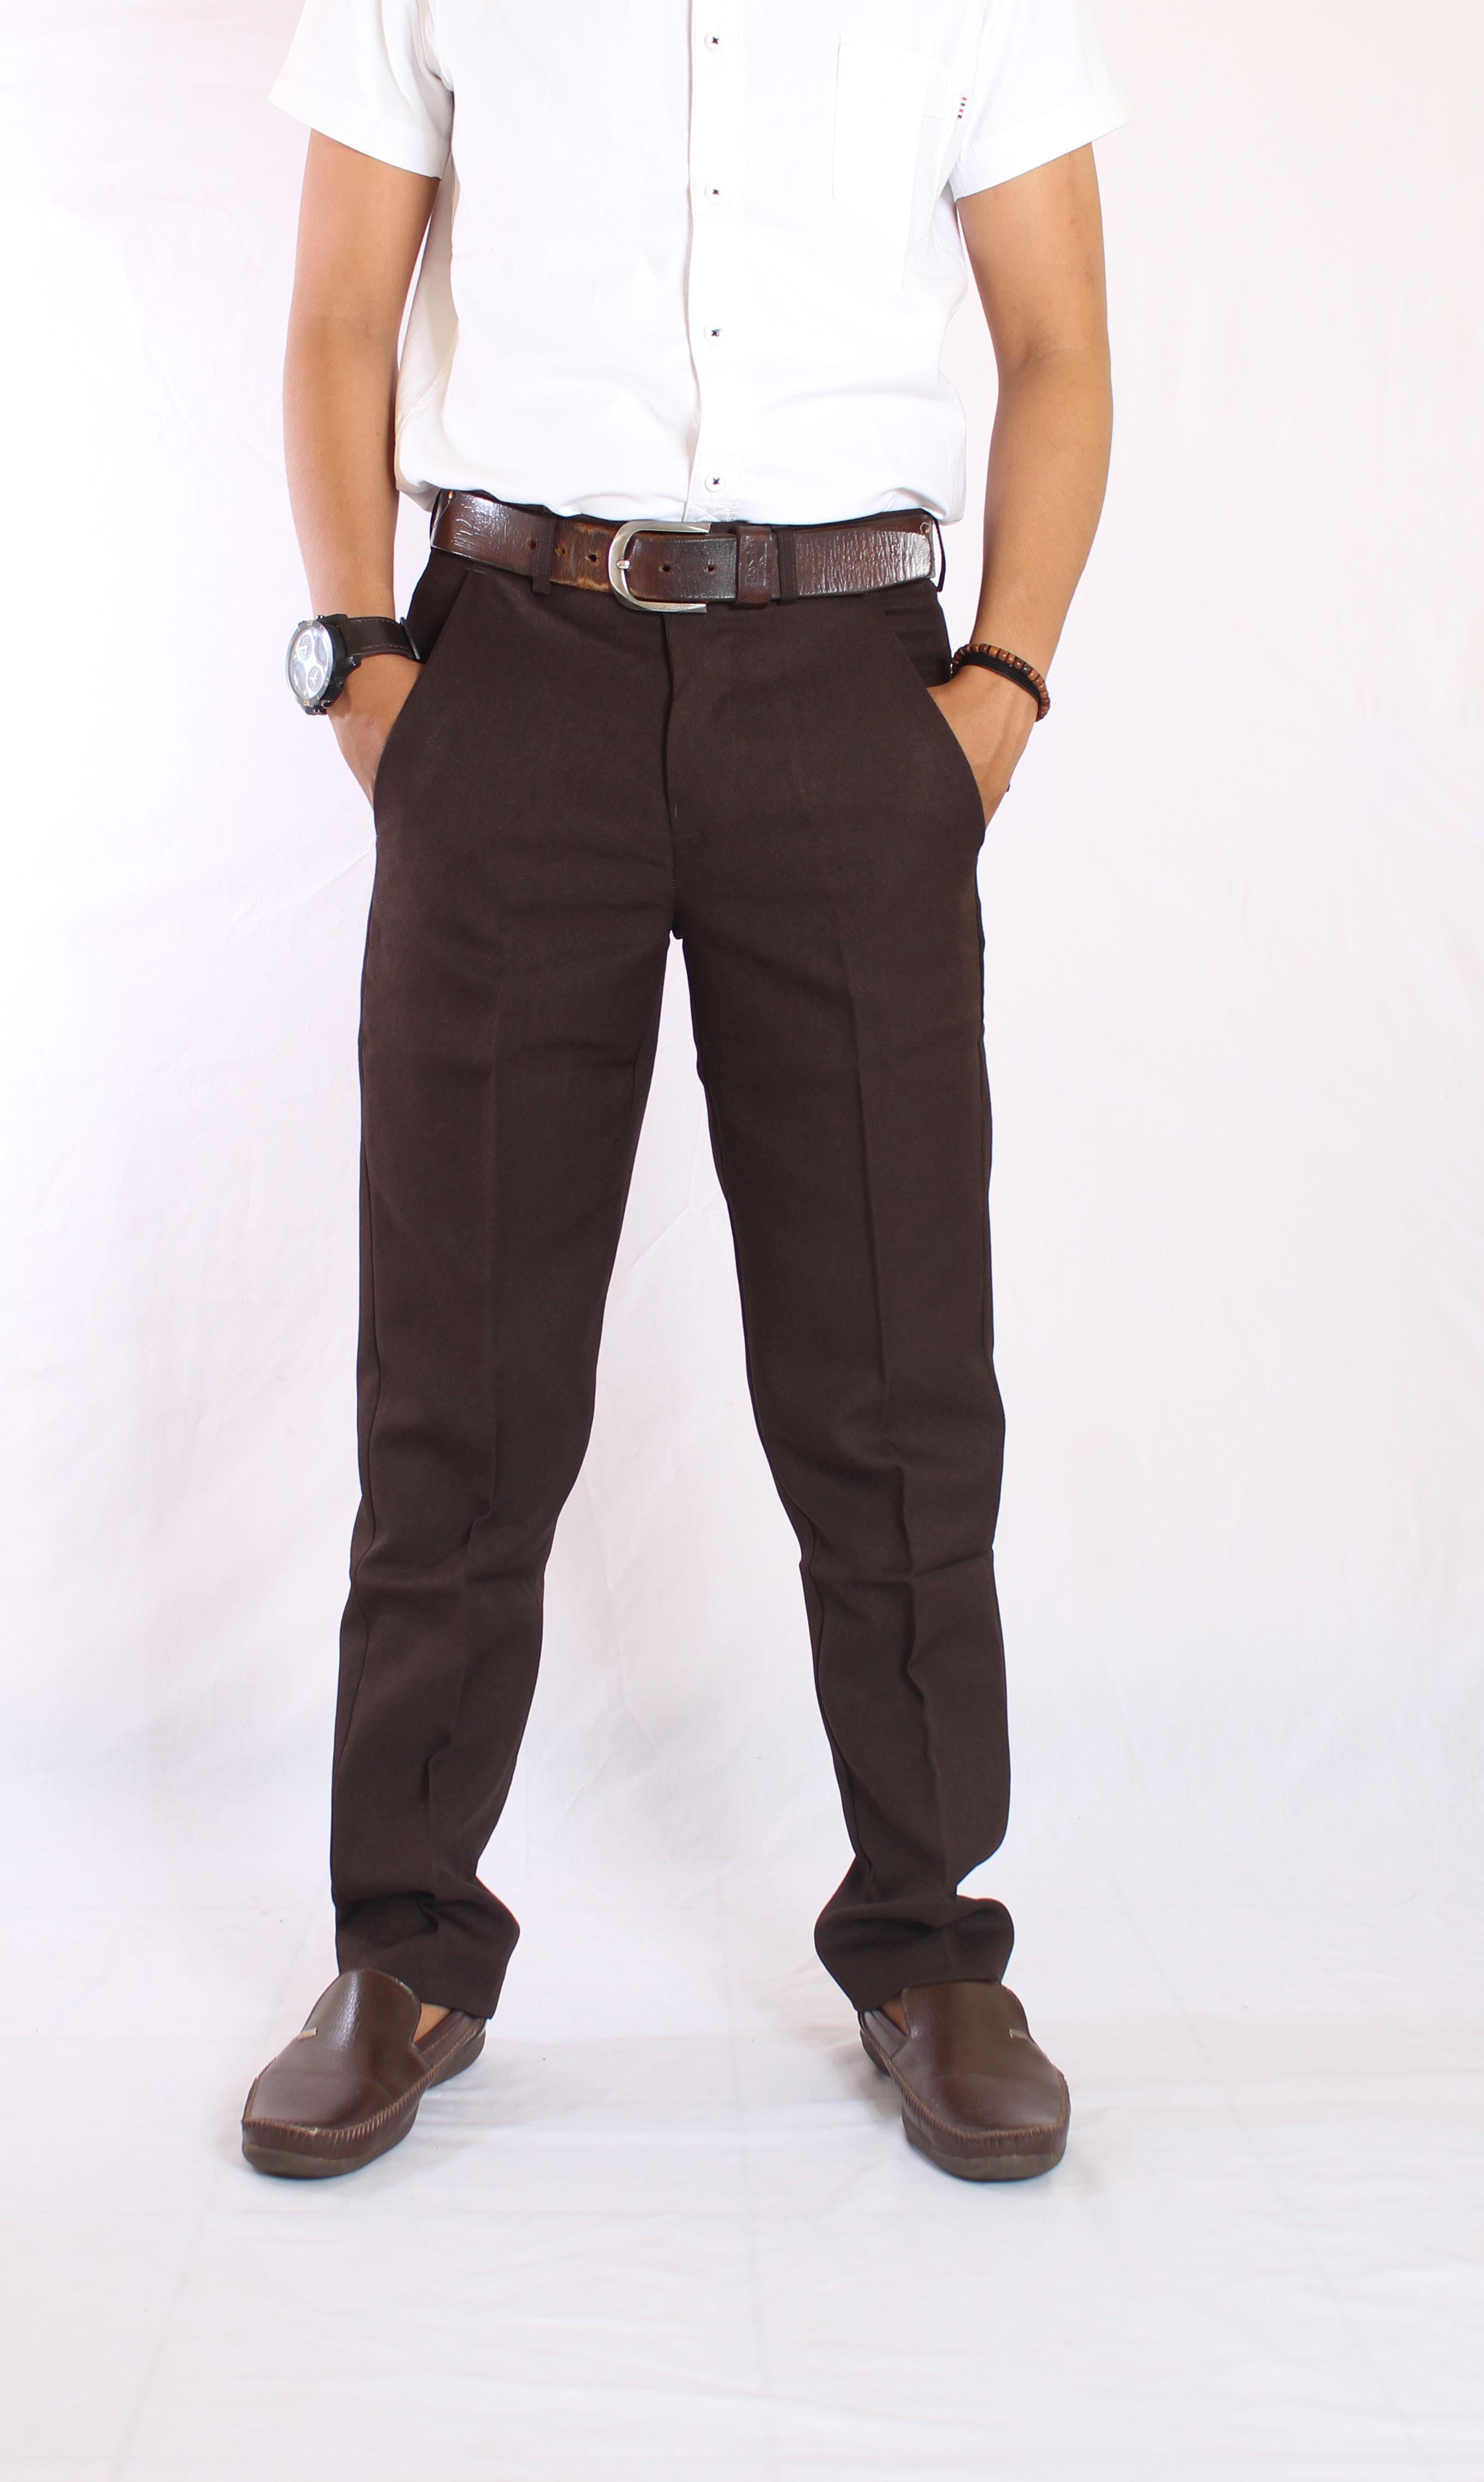 Detail Gambar it celana kantor pria cokelat celana kantor slim fit pria celana sopan pria premium Terbaru